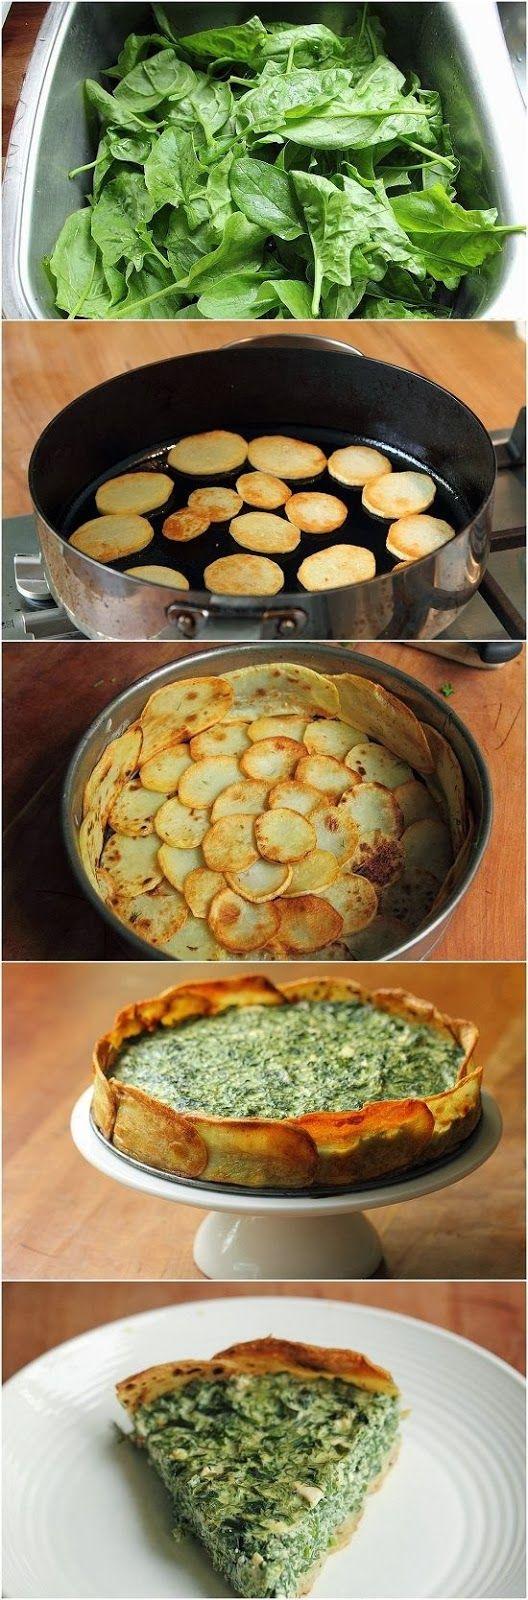 Tarte aux épinards avec des pommes de terre à la place de la pâte ! #genius